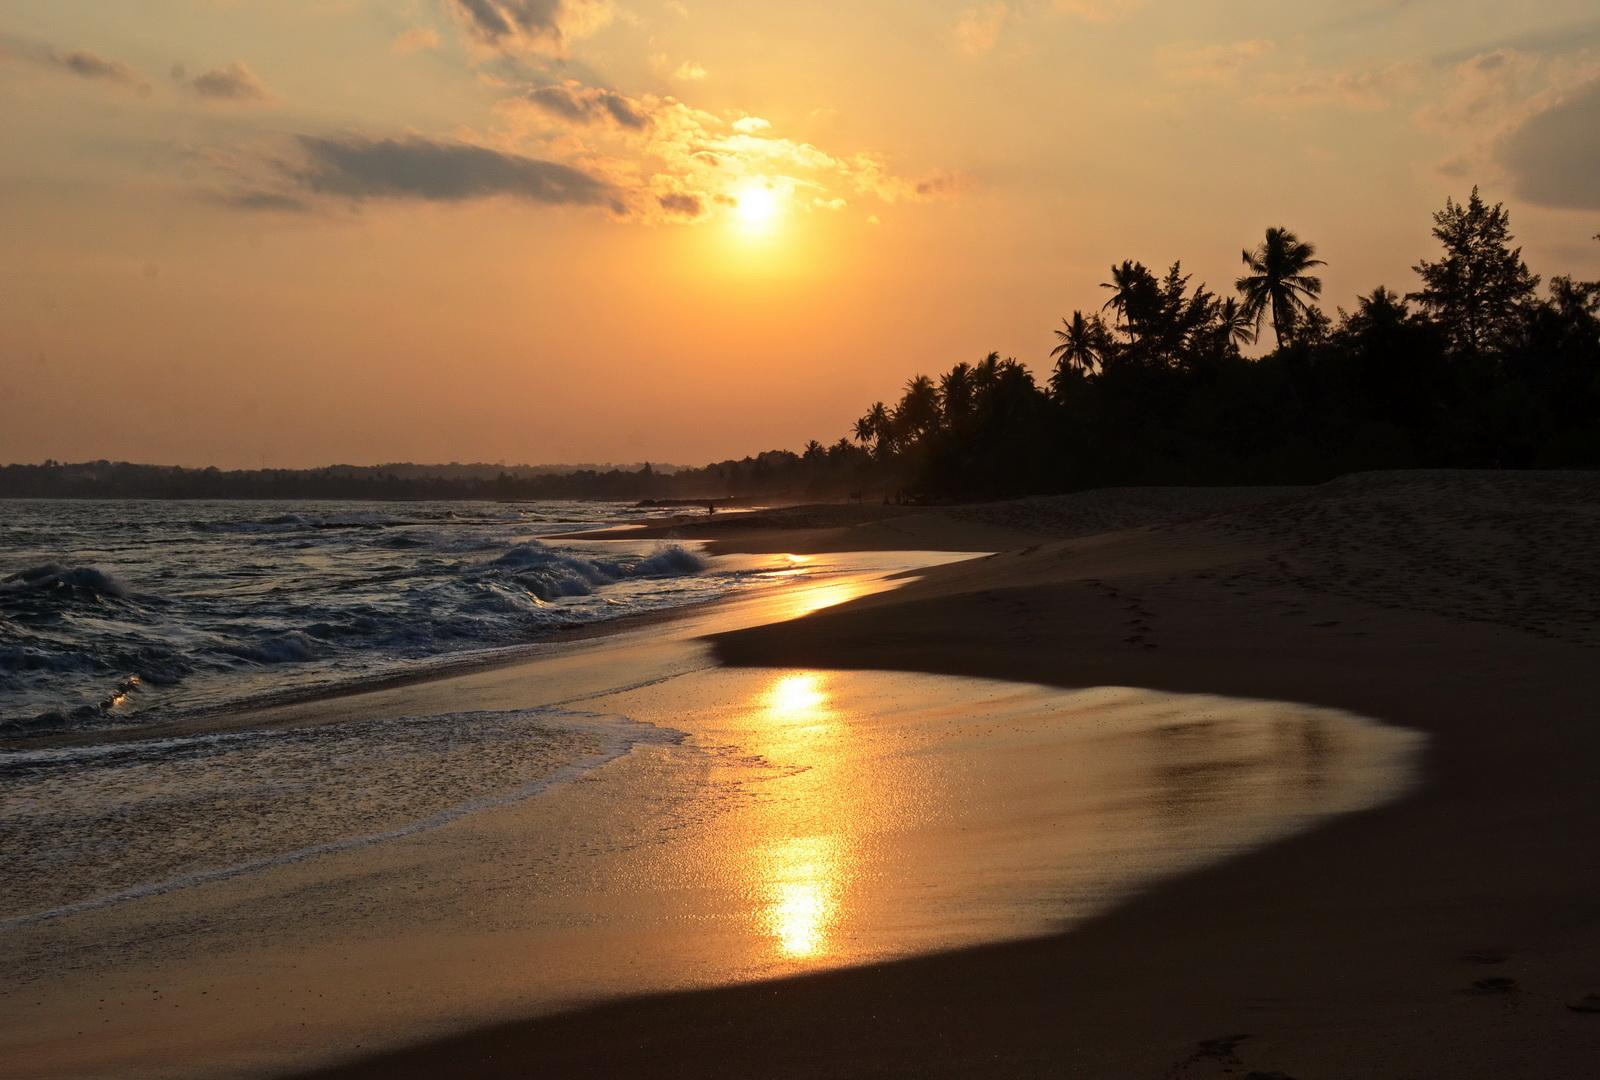 Sri Lanka, Tangalle sunset